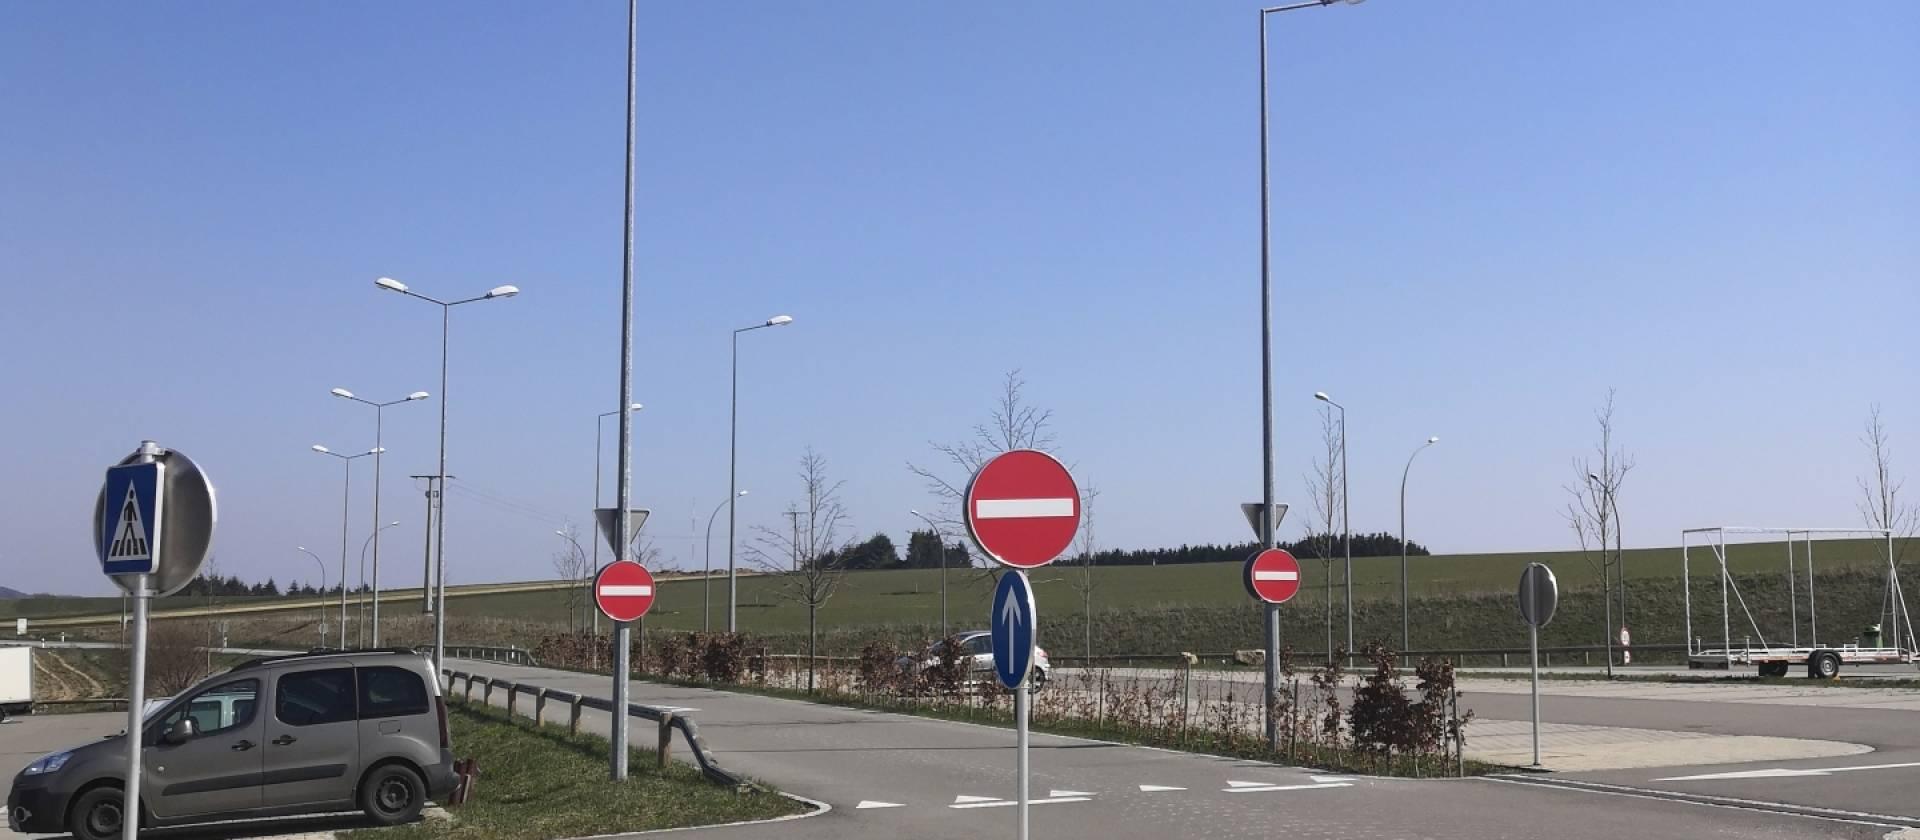 p r jonglenster parking